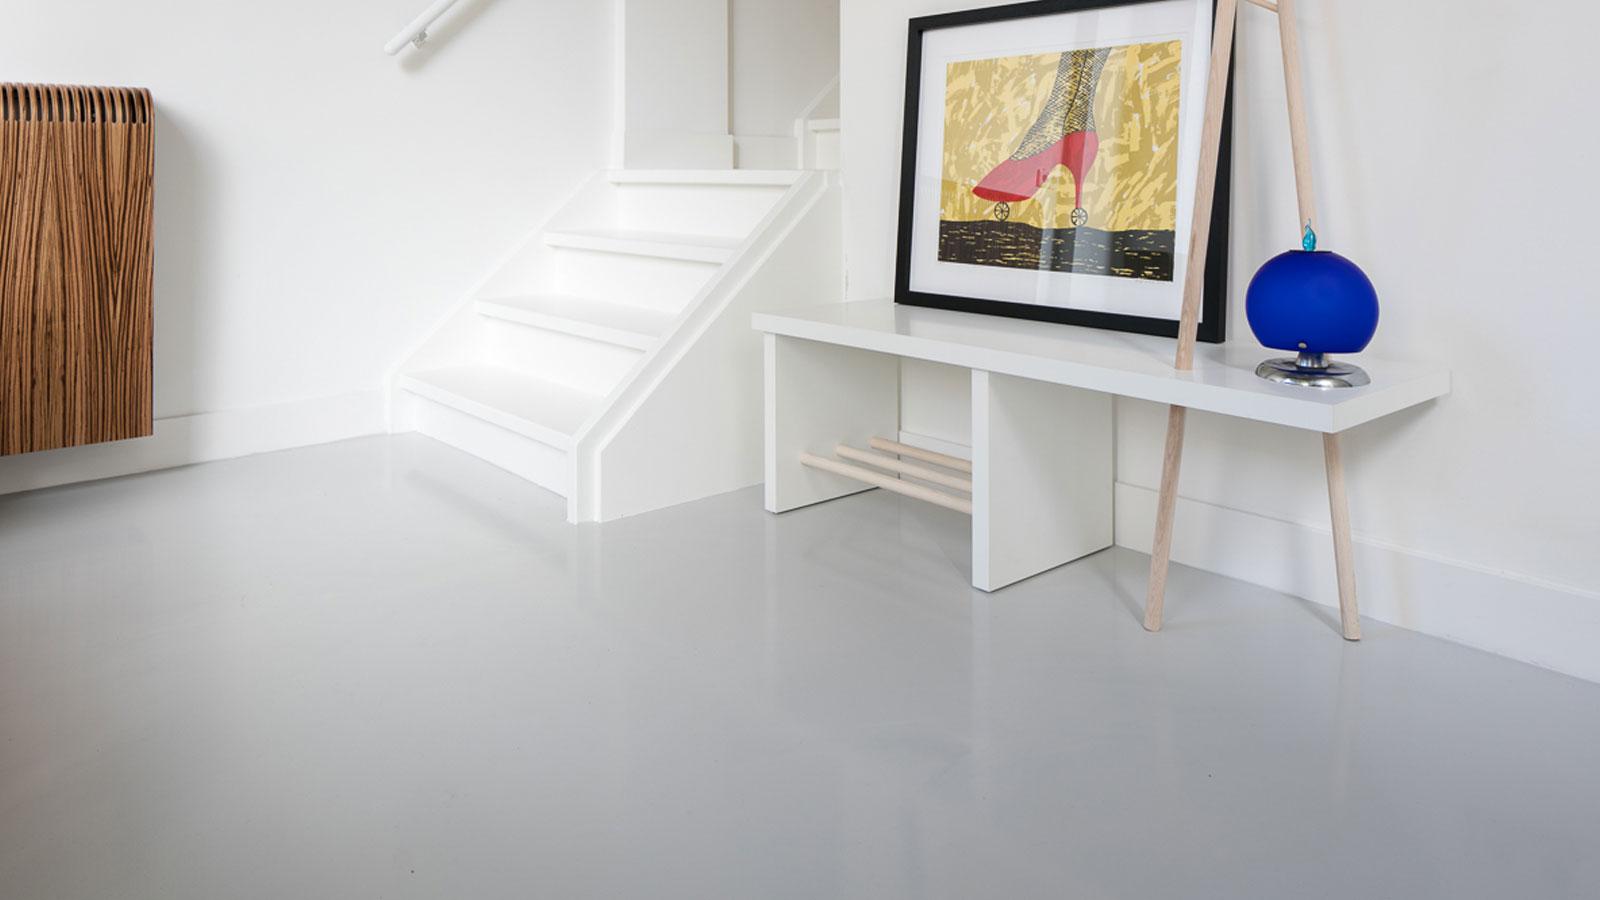 Gietvloer Den Bosch : Gietvloer breda voor woningen of woonkamer keuken toilet